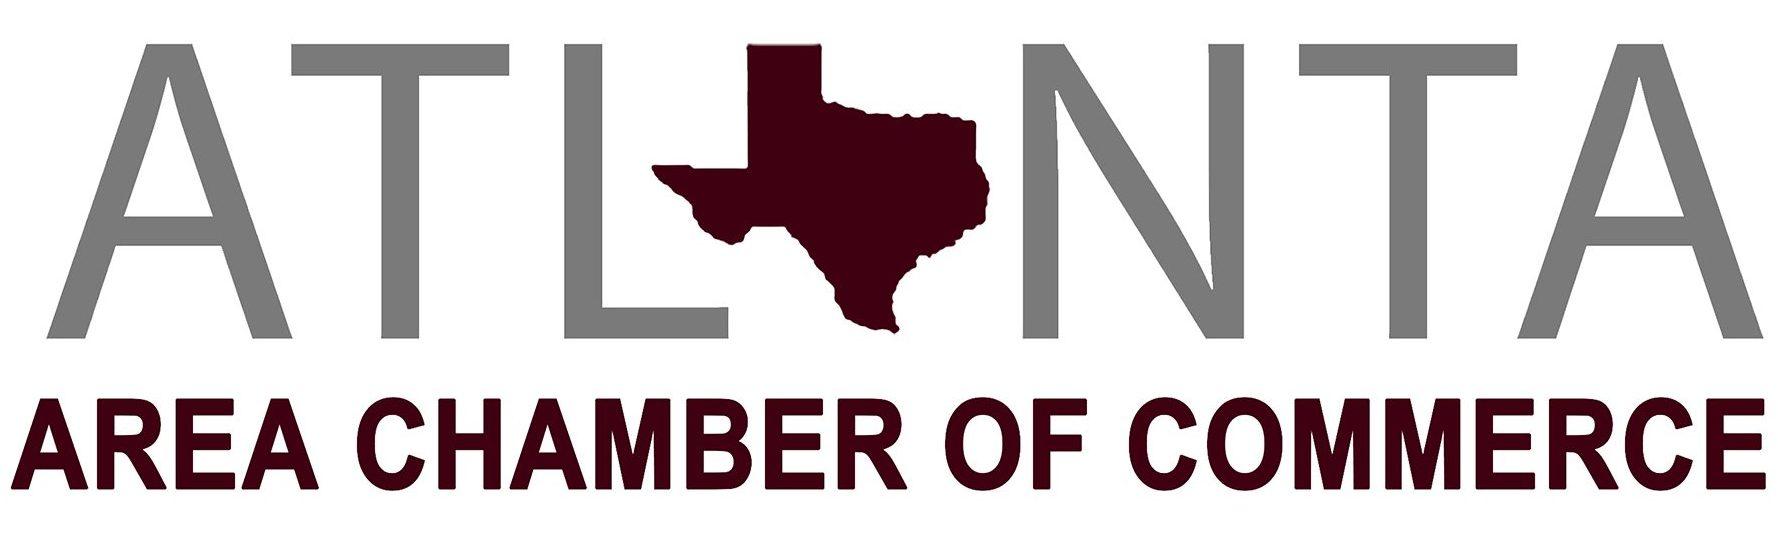 Logo for Atlanta Area Chamber of Commerce